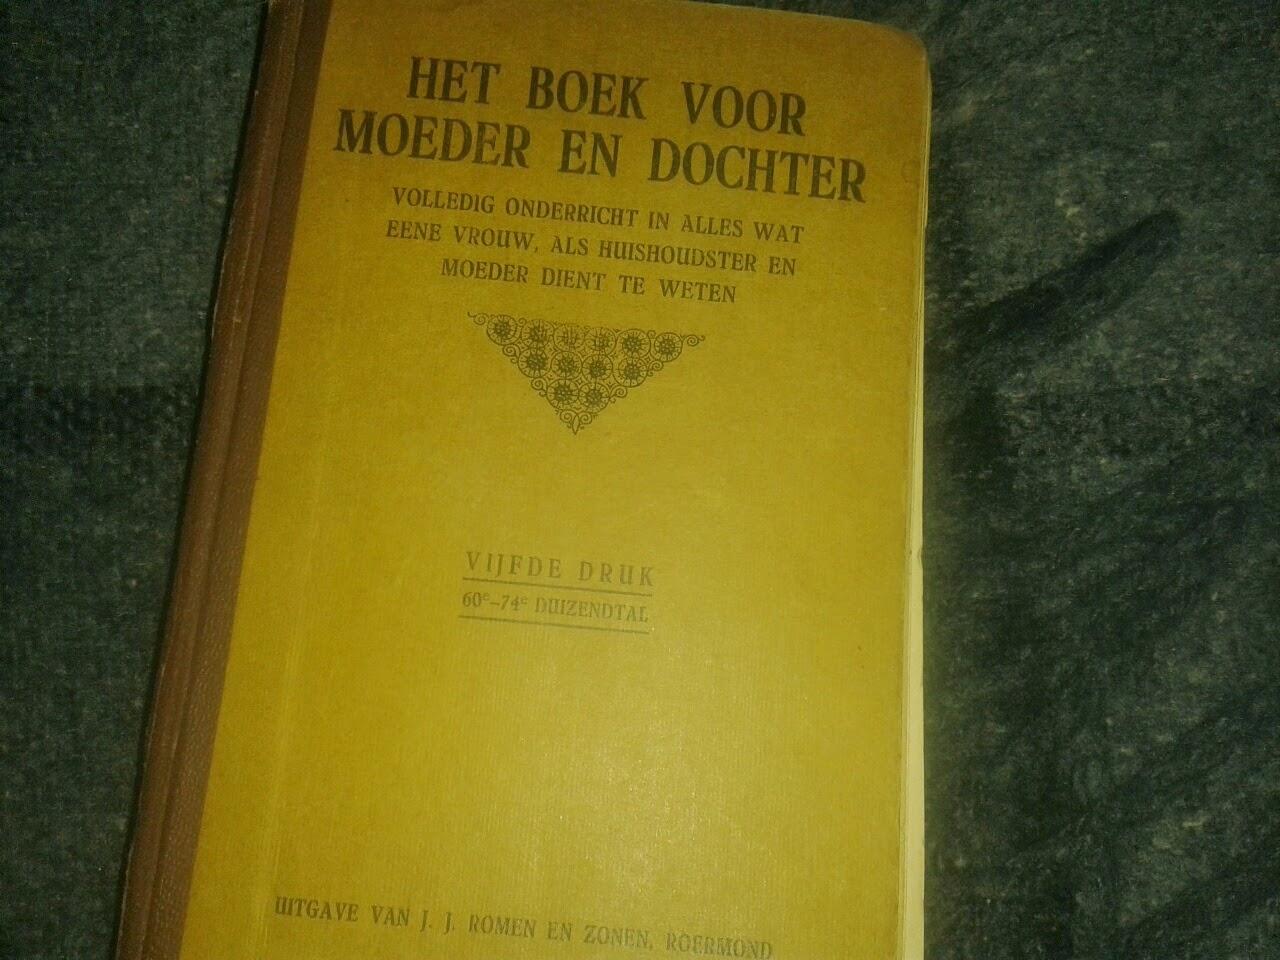 het boek voor moeder en dochter